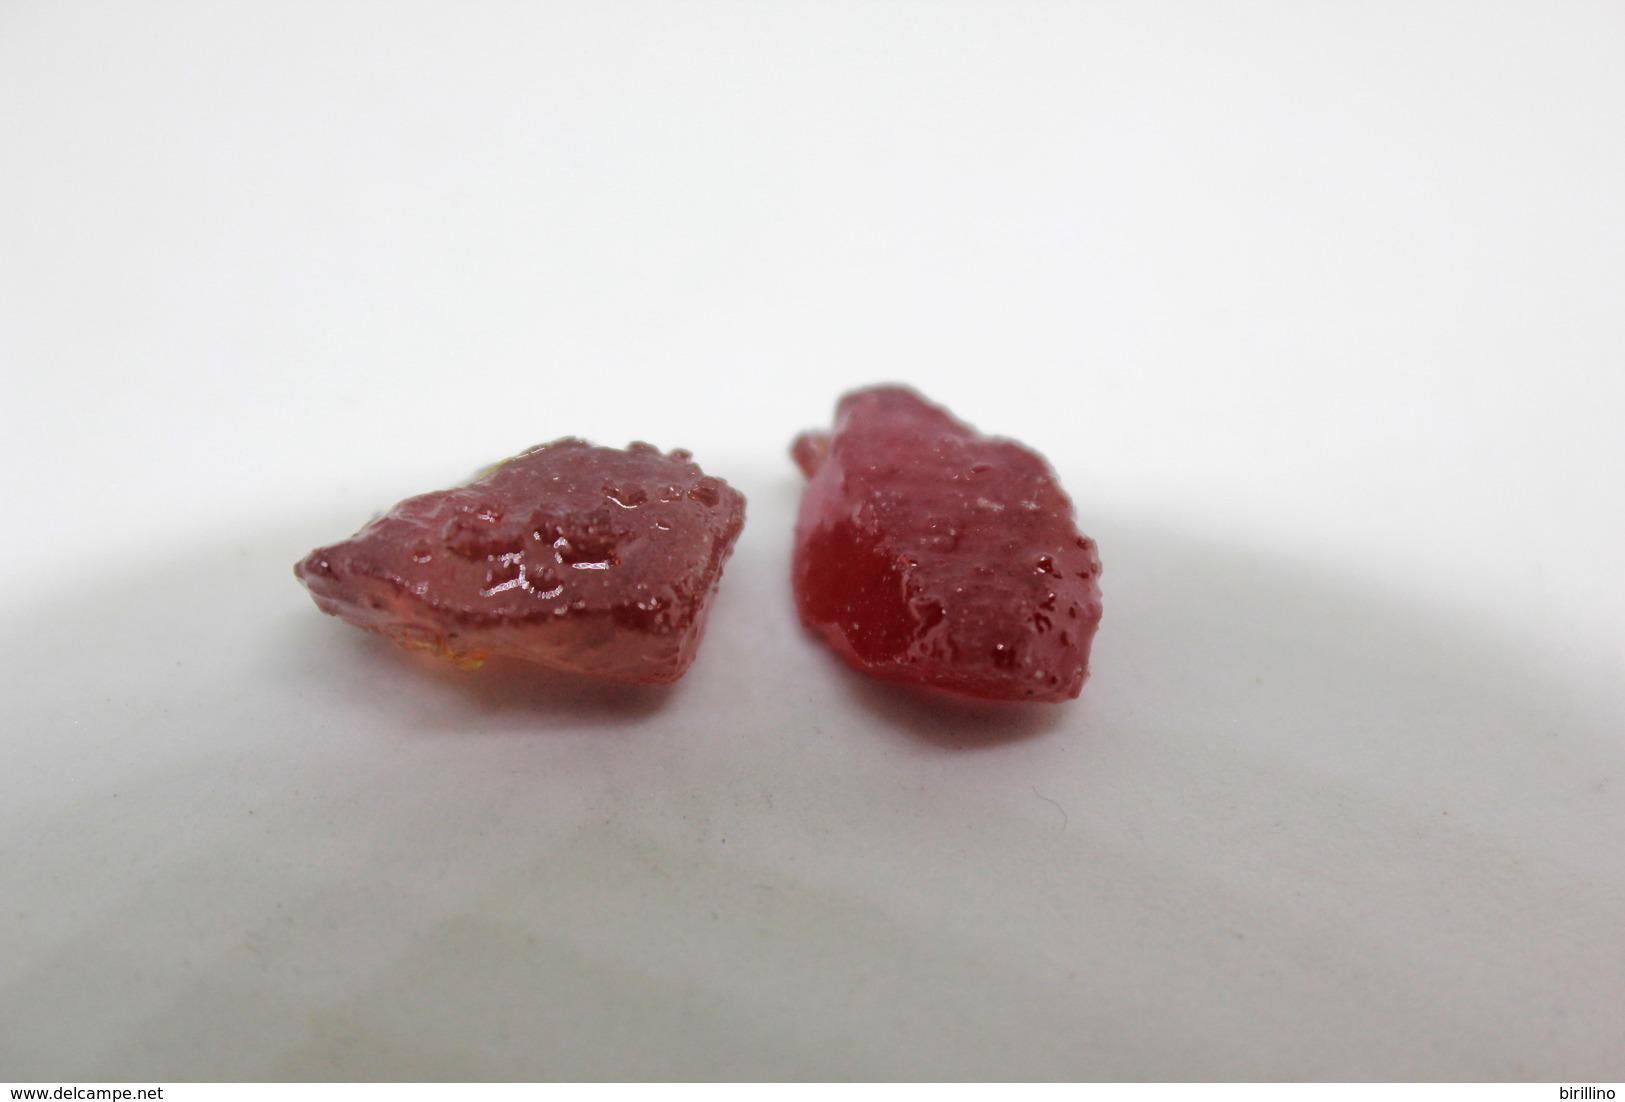 Rubino (2 Pezzi) Ct. 13.72 - Provenienza Madagascar - Rubino